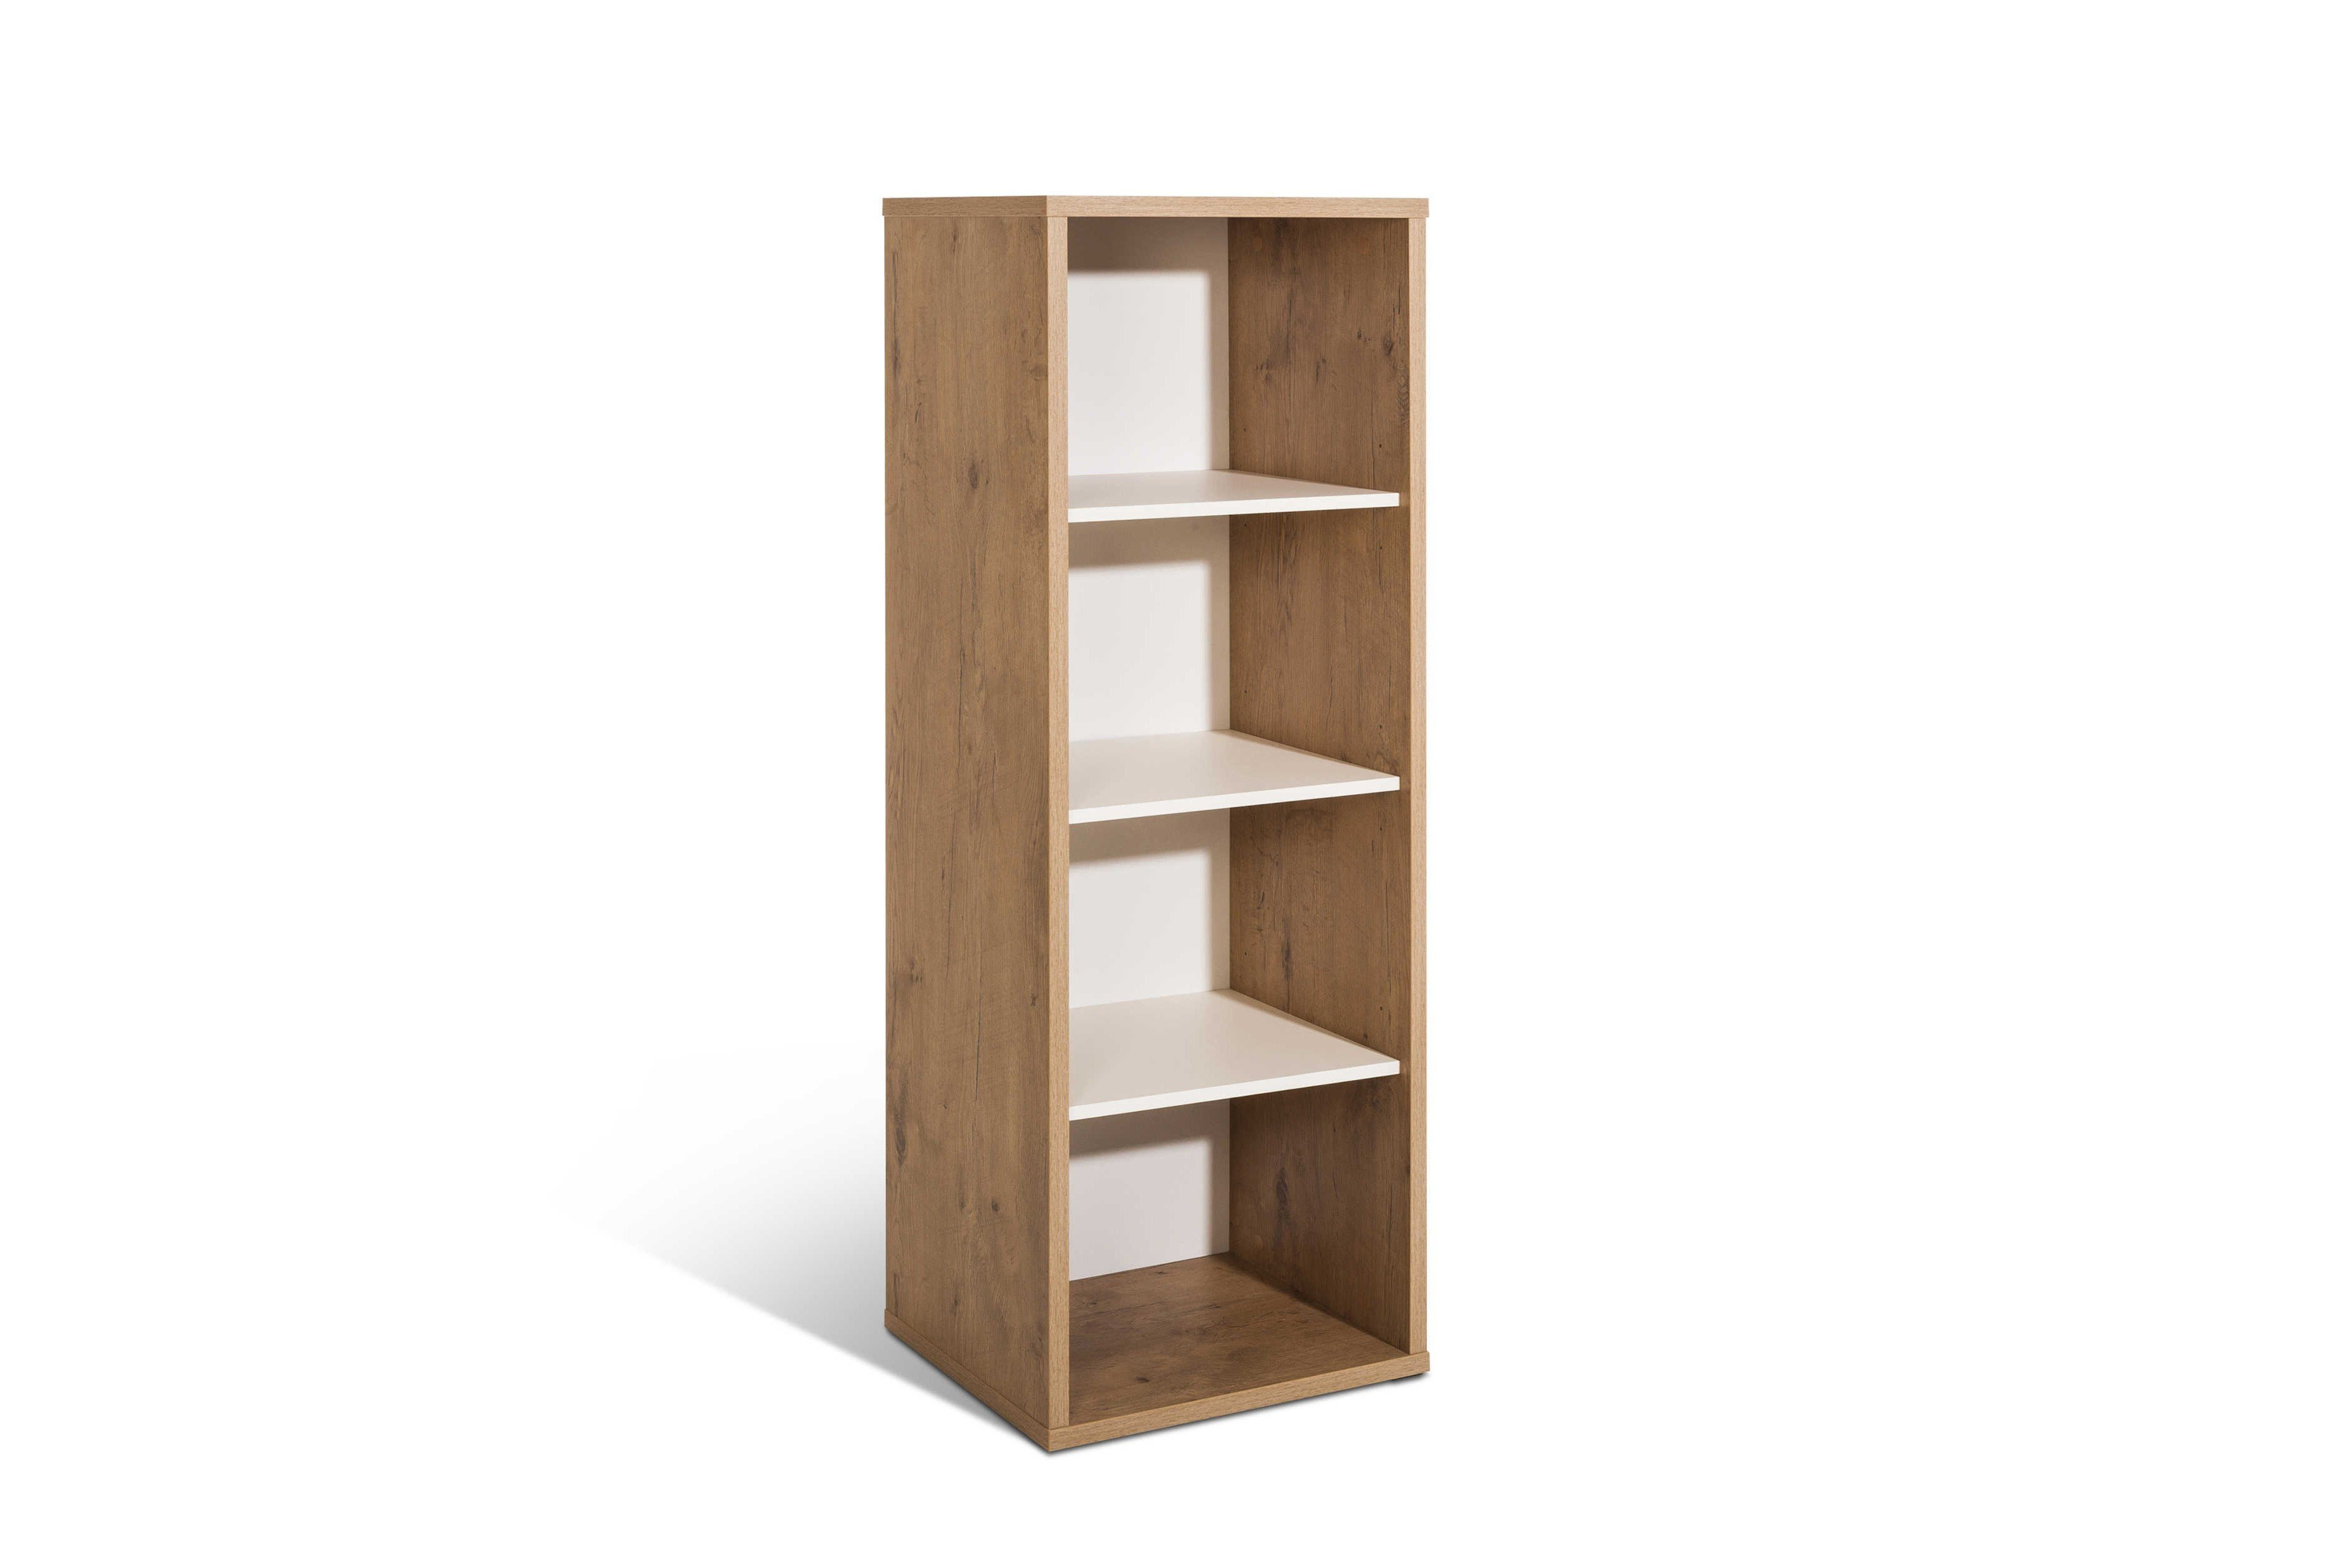 paidi henrik jugendzimmer eiche beige m bel letz ihr online shop. Black Bedroom Furniture Sets. Home Design Ideas